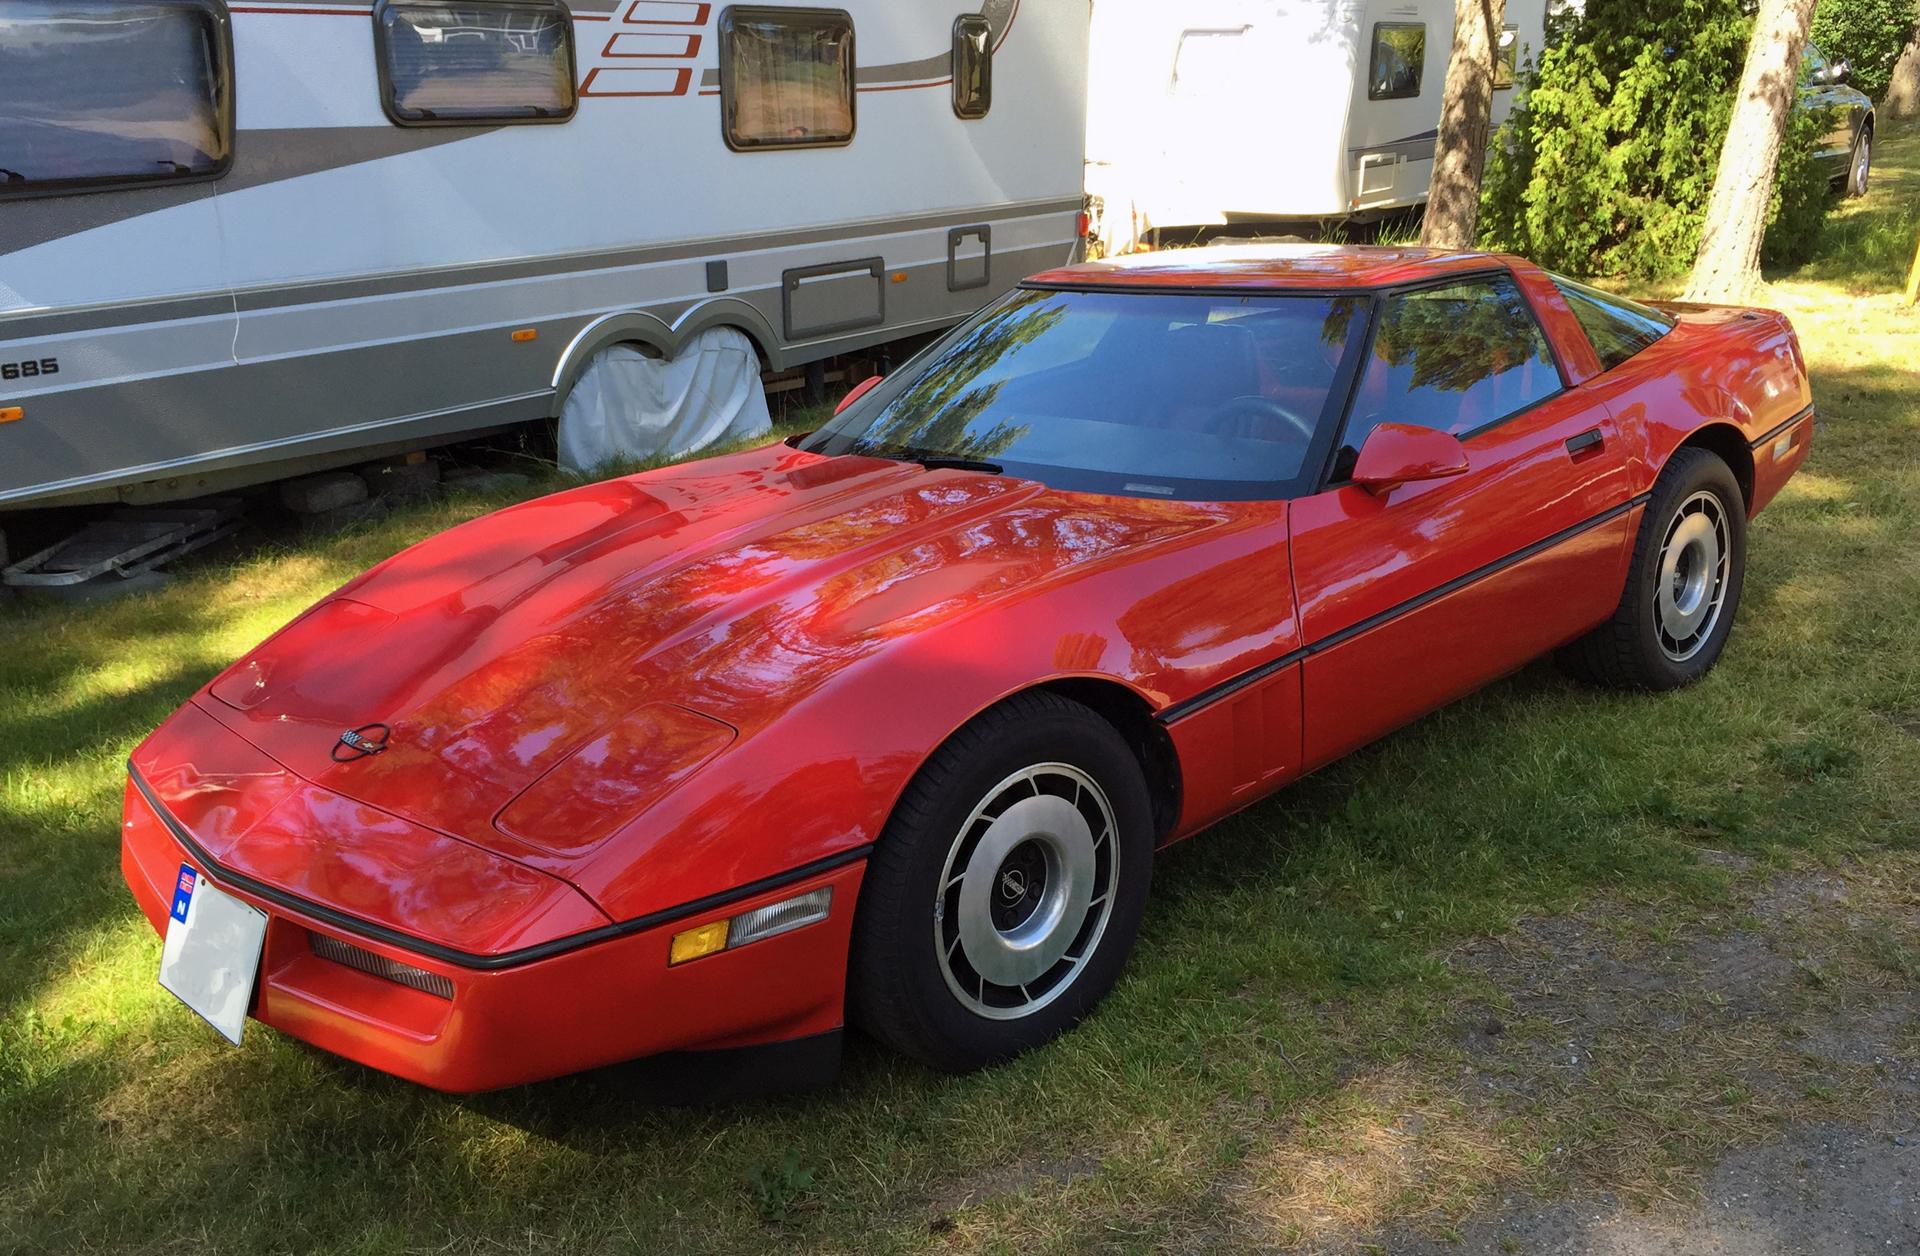 230-1985 Chevrolet Corvette C4 01. Eier- medlem 23